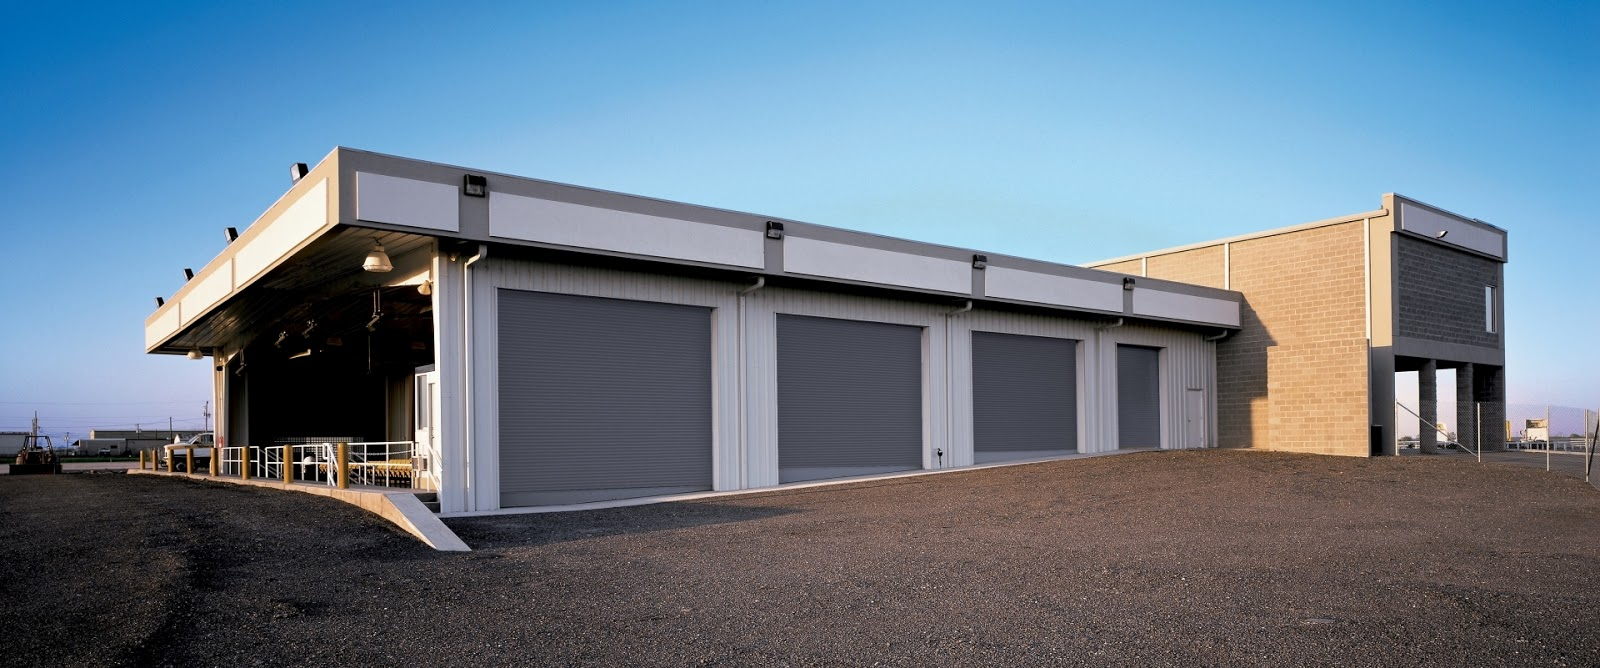 Aluminum Garage Doors Lavish Home Design